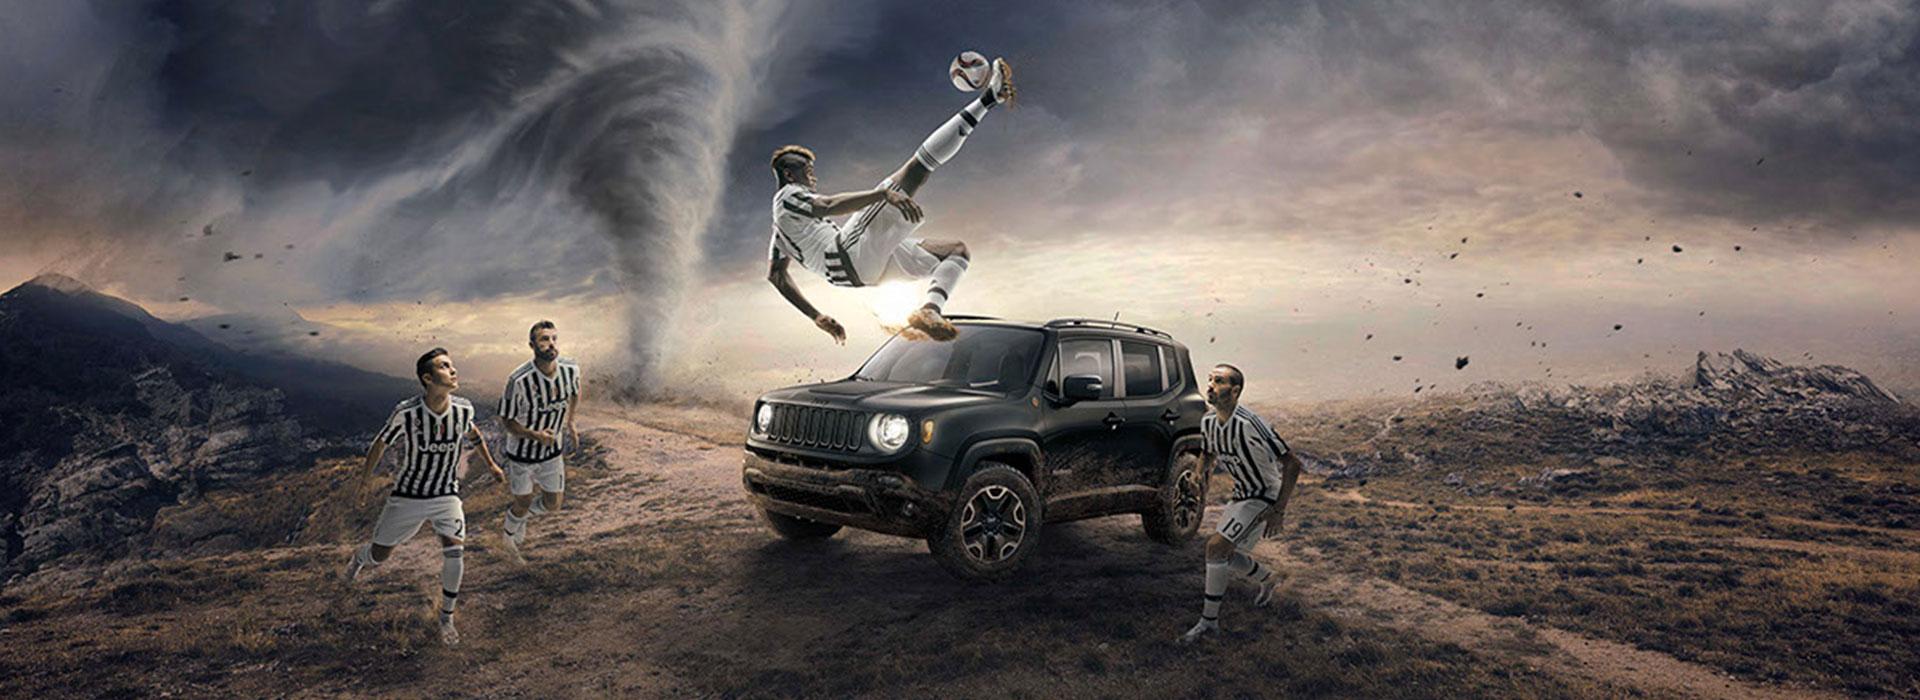 jeep-juventus-banner